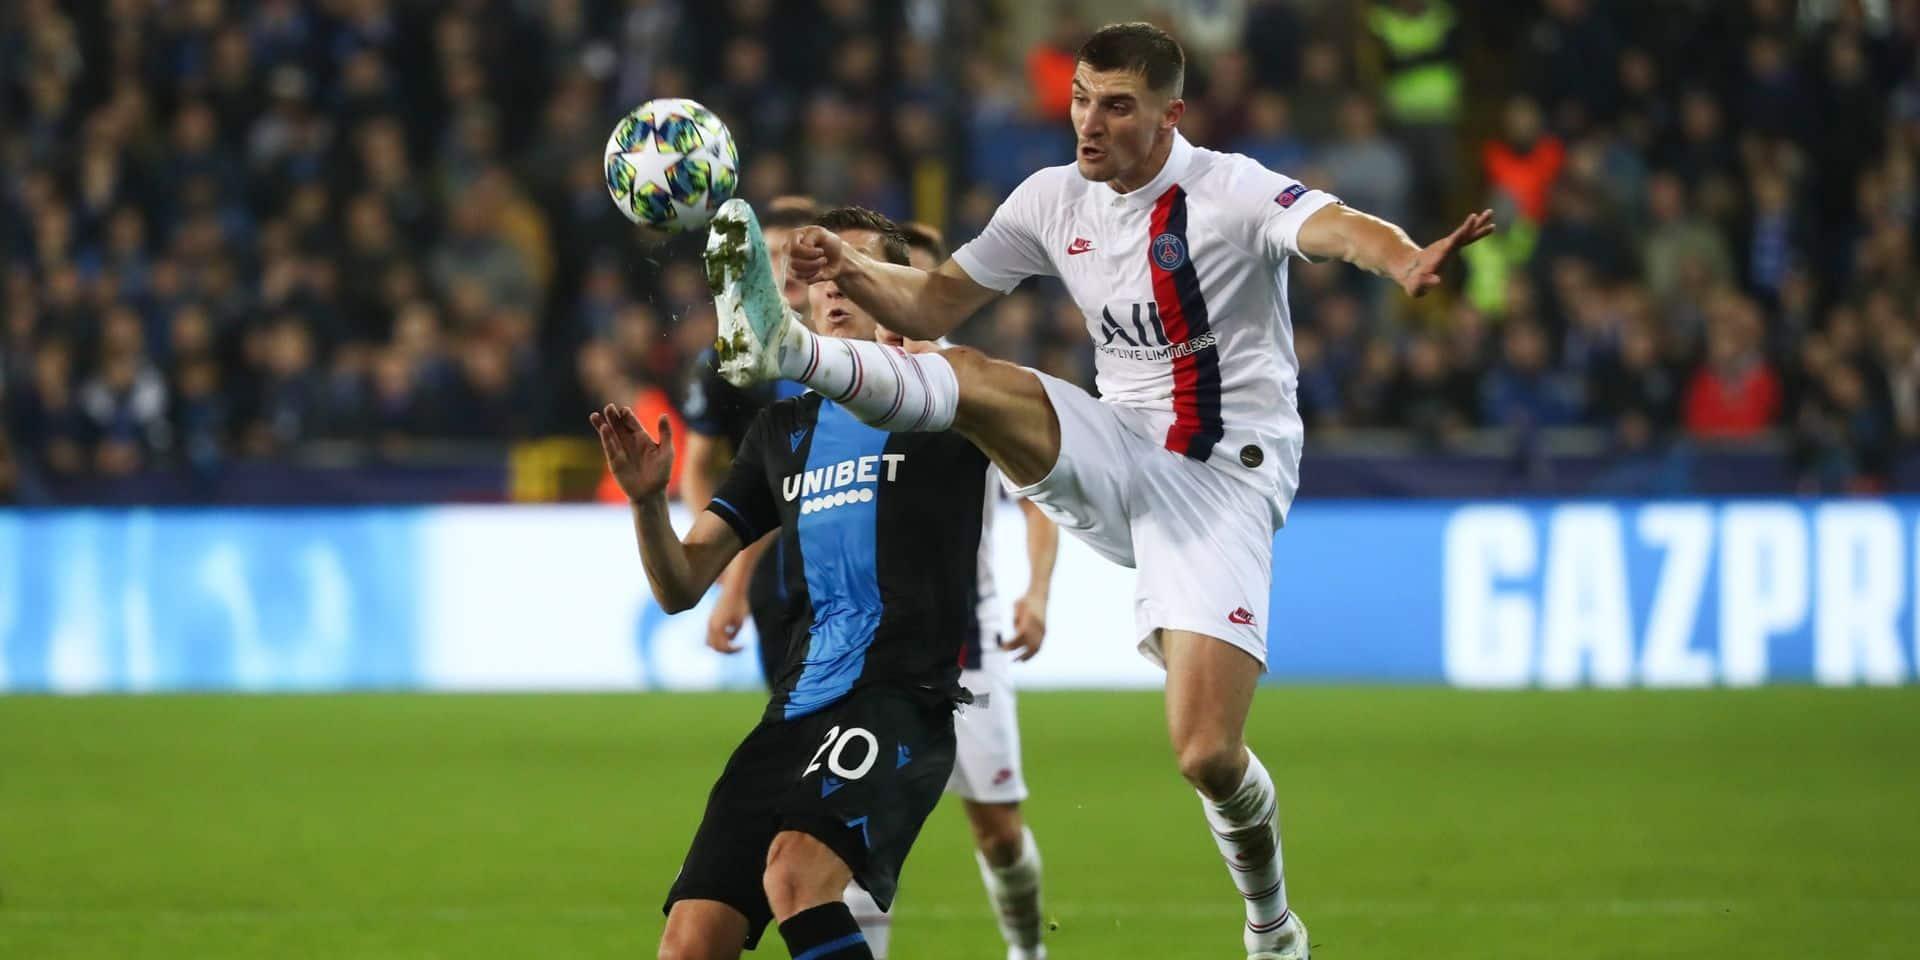 Bruges-PSG: Un match sans histoire pour Thomas Meunier